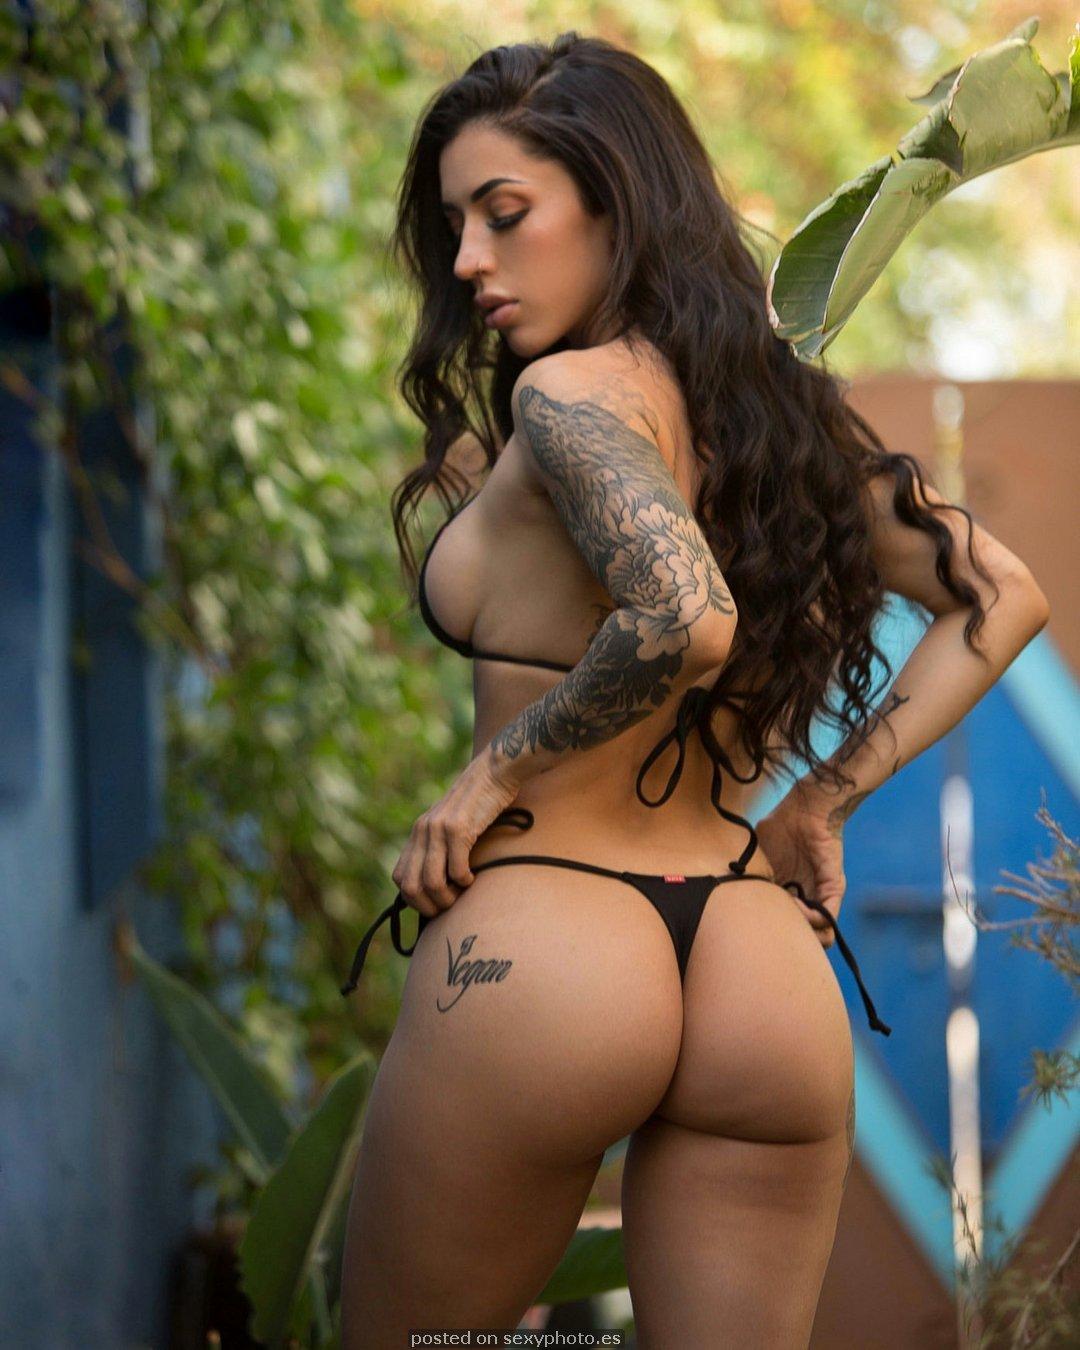 bianca taylor ass, bianca taylor influencer bikini, bianca taylor celebrity nipples_2